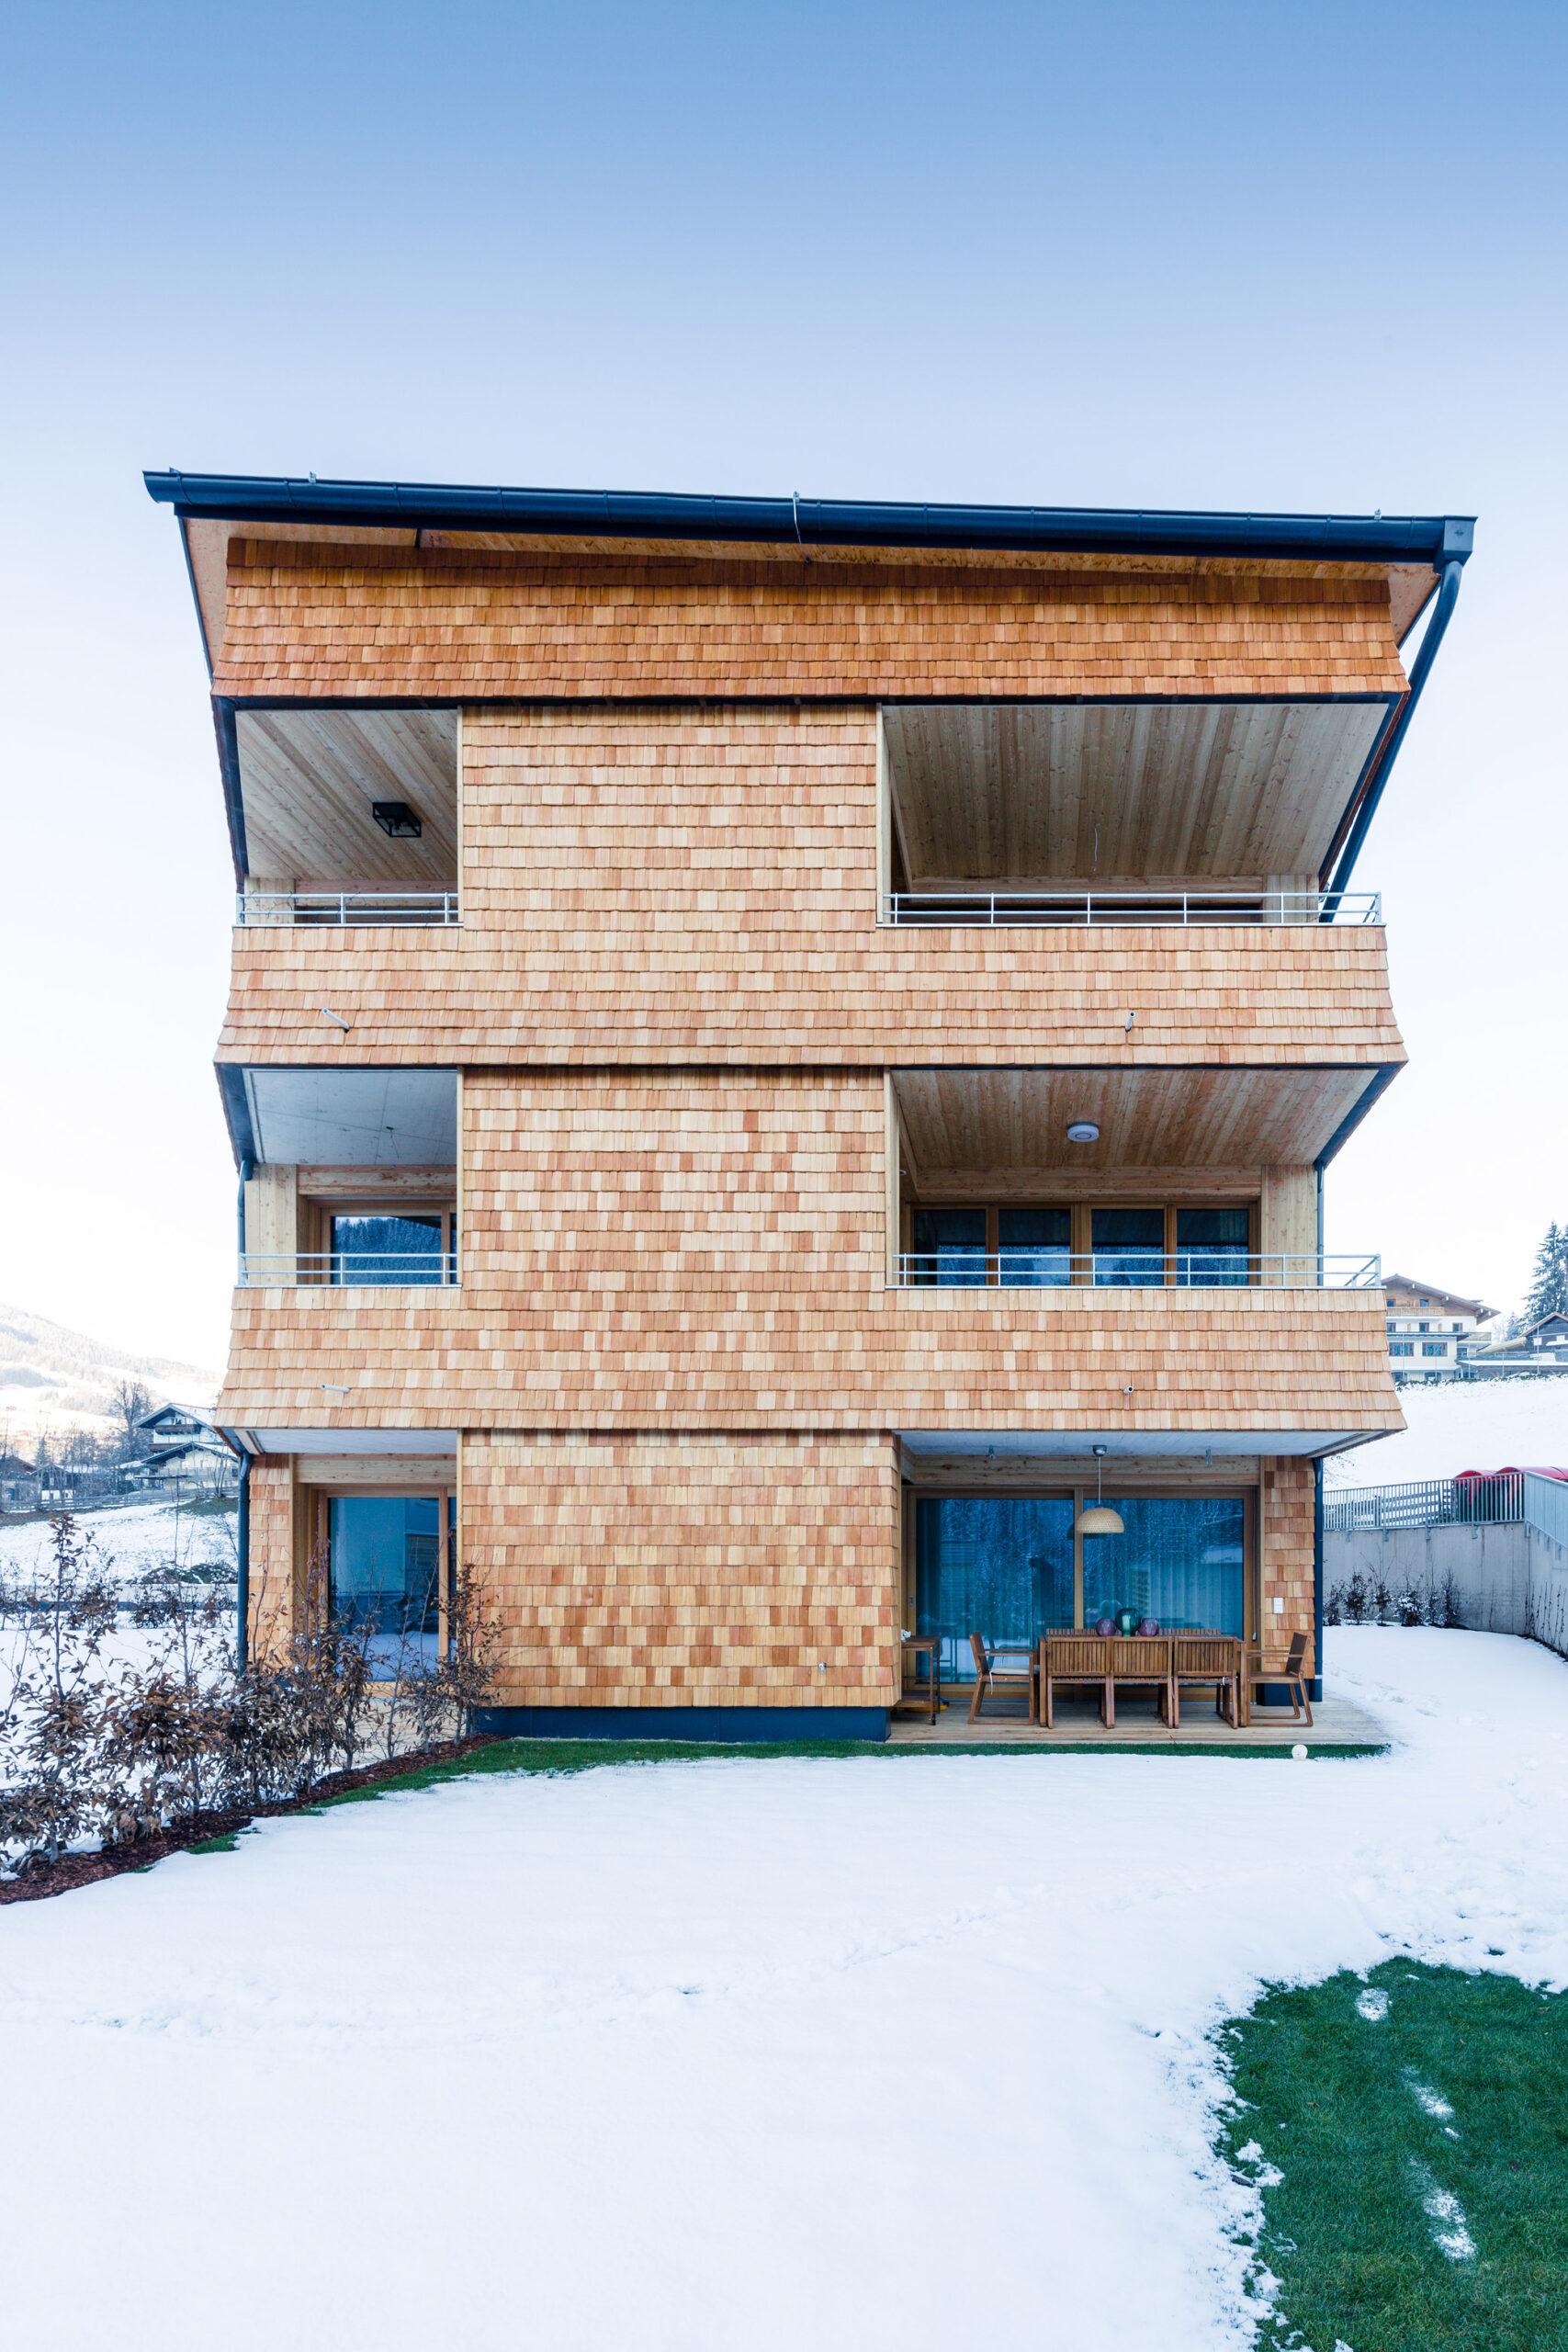 Wohnbau Haid Ansicht von hinten